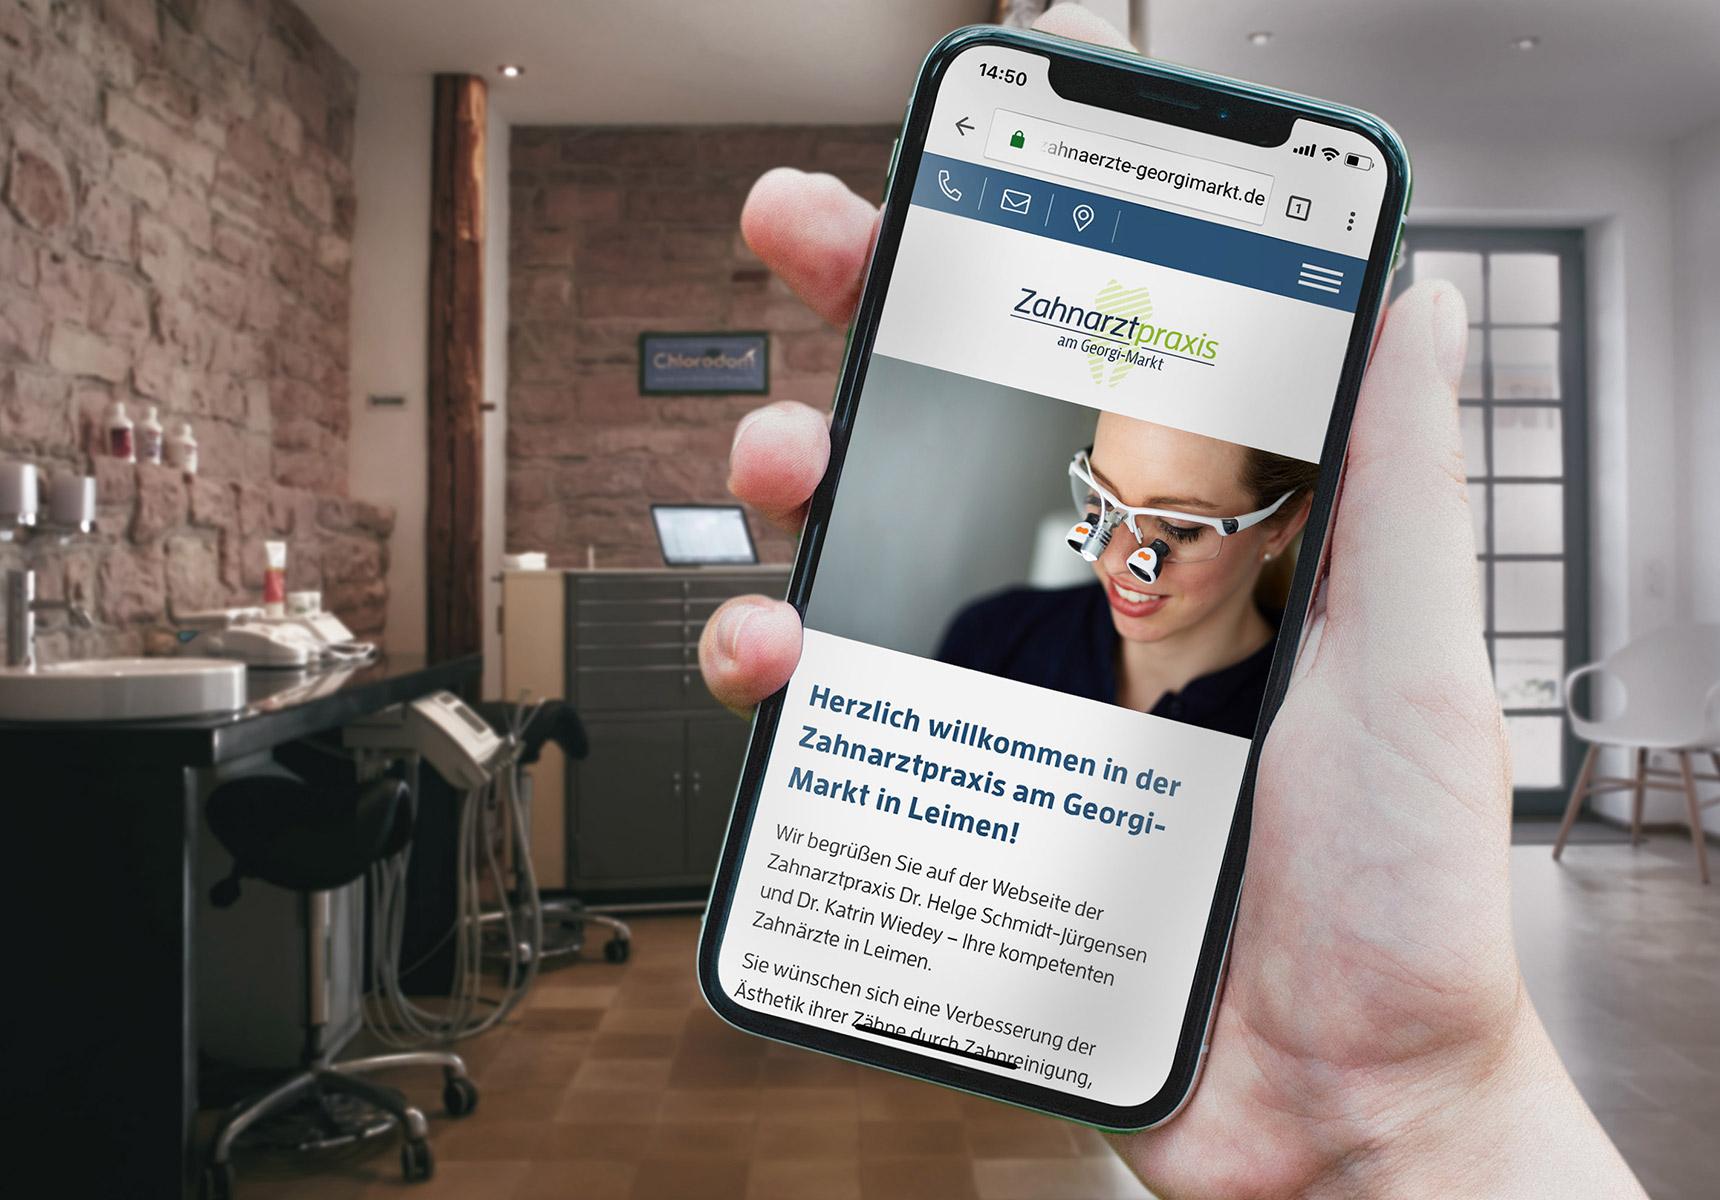 lr praxismarketing zahnarztpraxis am georgimarkt responsive design iphone x - Langenstein & Reichenthaler - Agentur für Praxismarketing